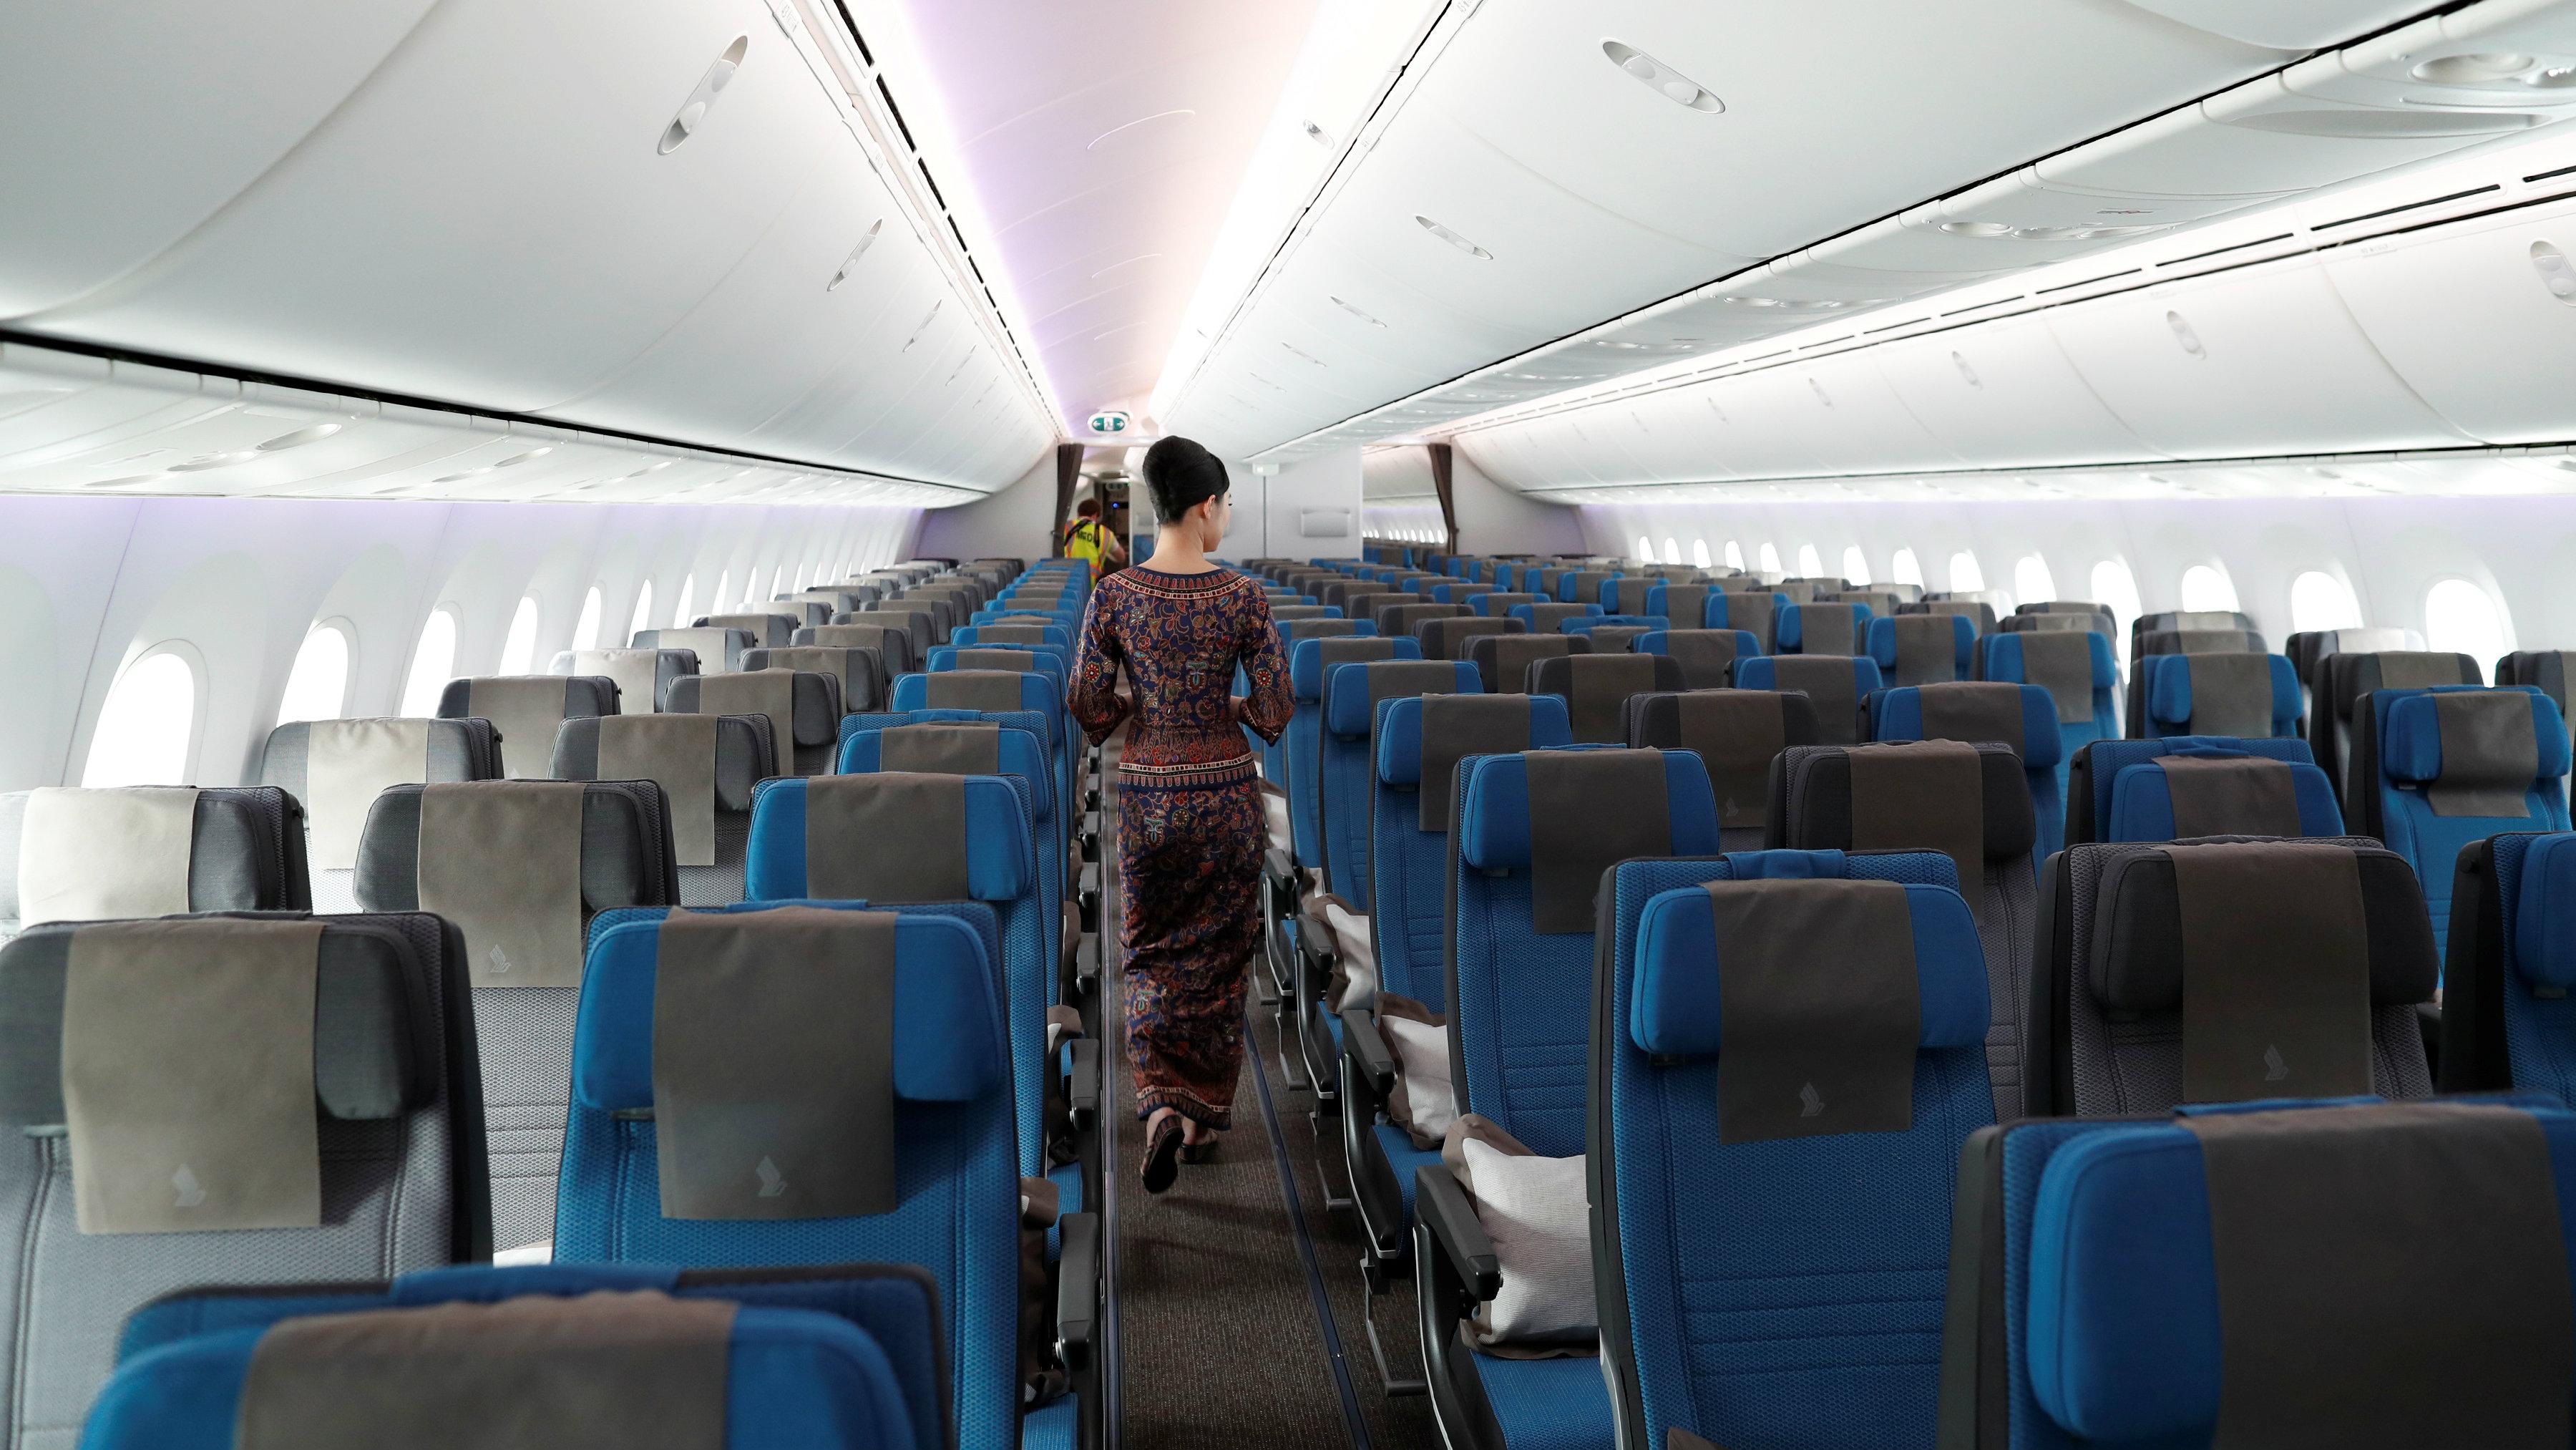 Dreamliner cabin stewardess